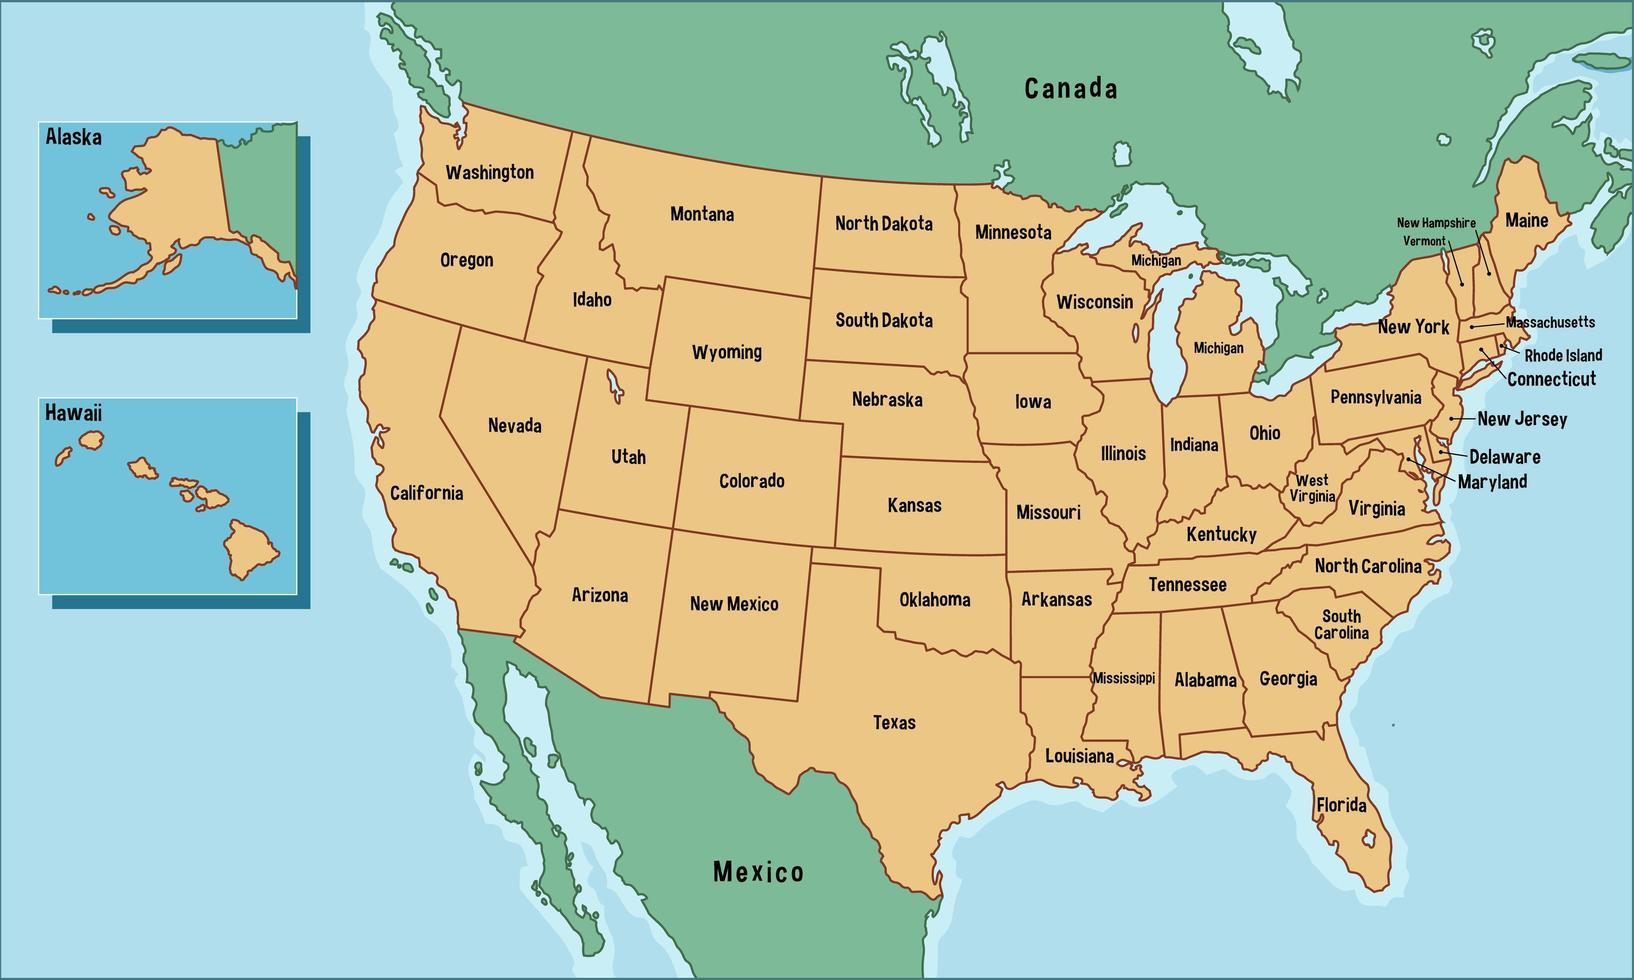 La Cartina Degli Stati Uniti D America.Mappa Degli Stati Uniti D America Con I Nomi Degli Stati 1858771 Scarica Immagini Vettoriali Gratis Grafica Vettoriale E Disegno Modelli